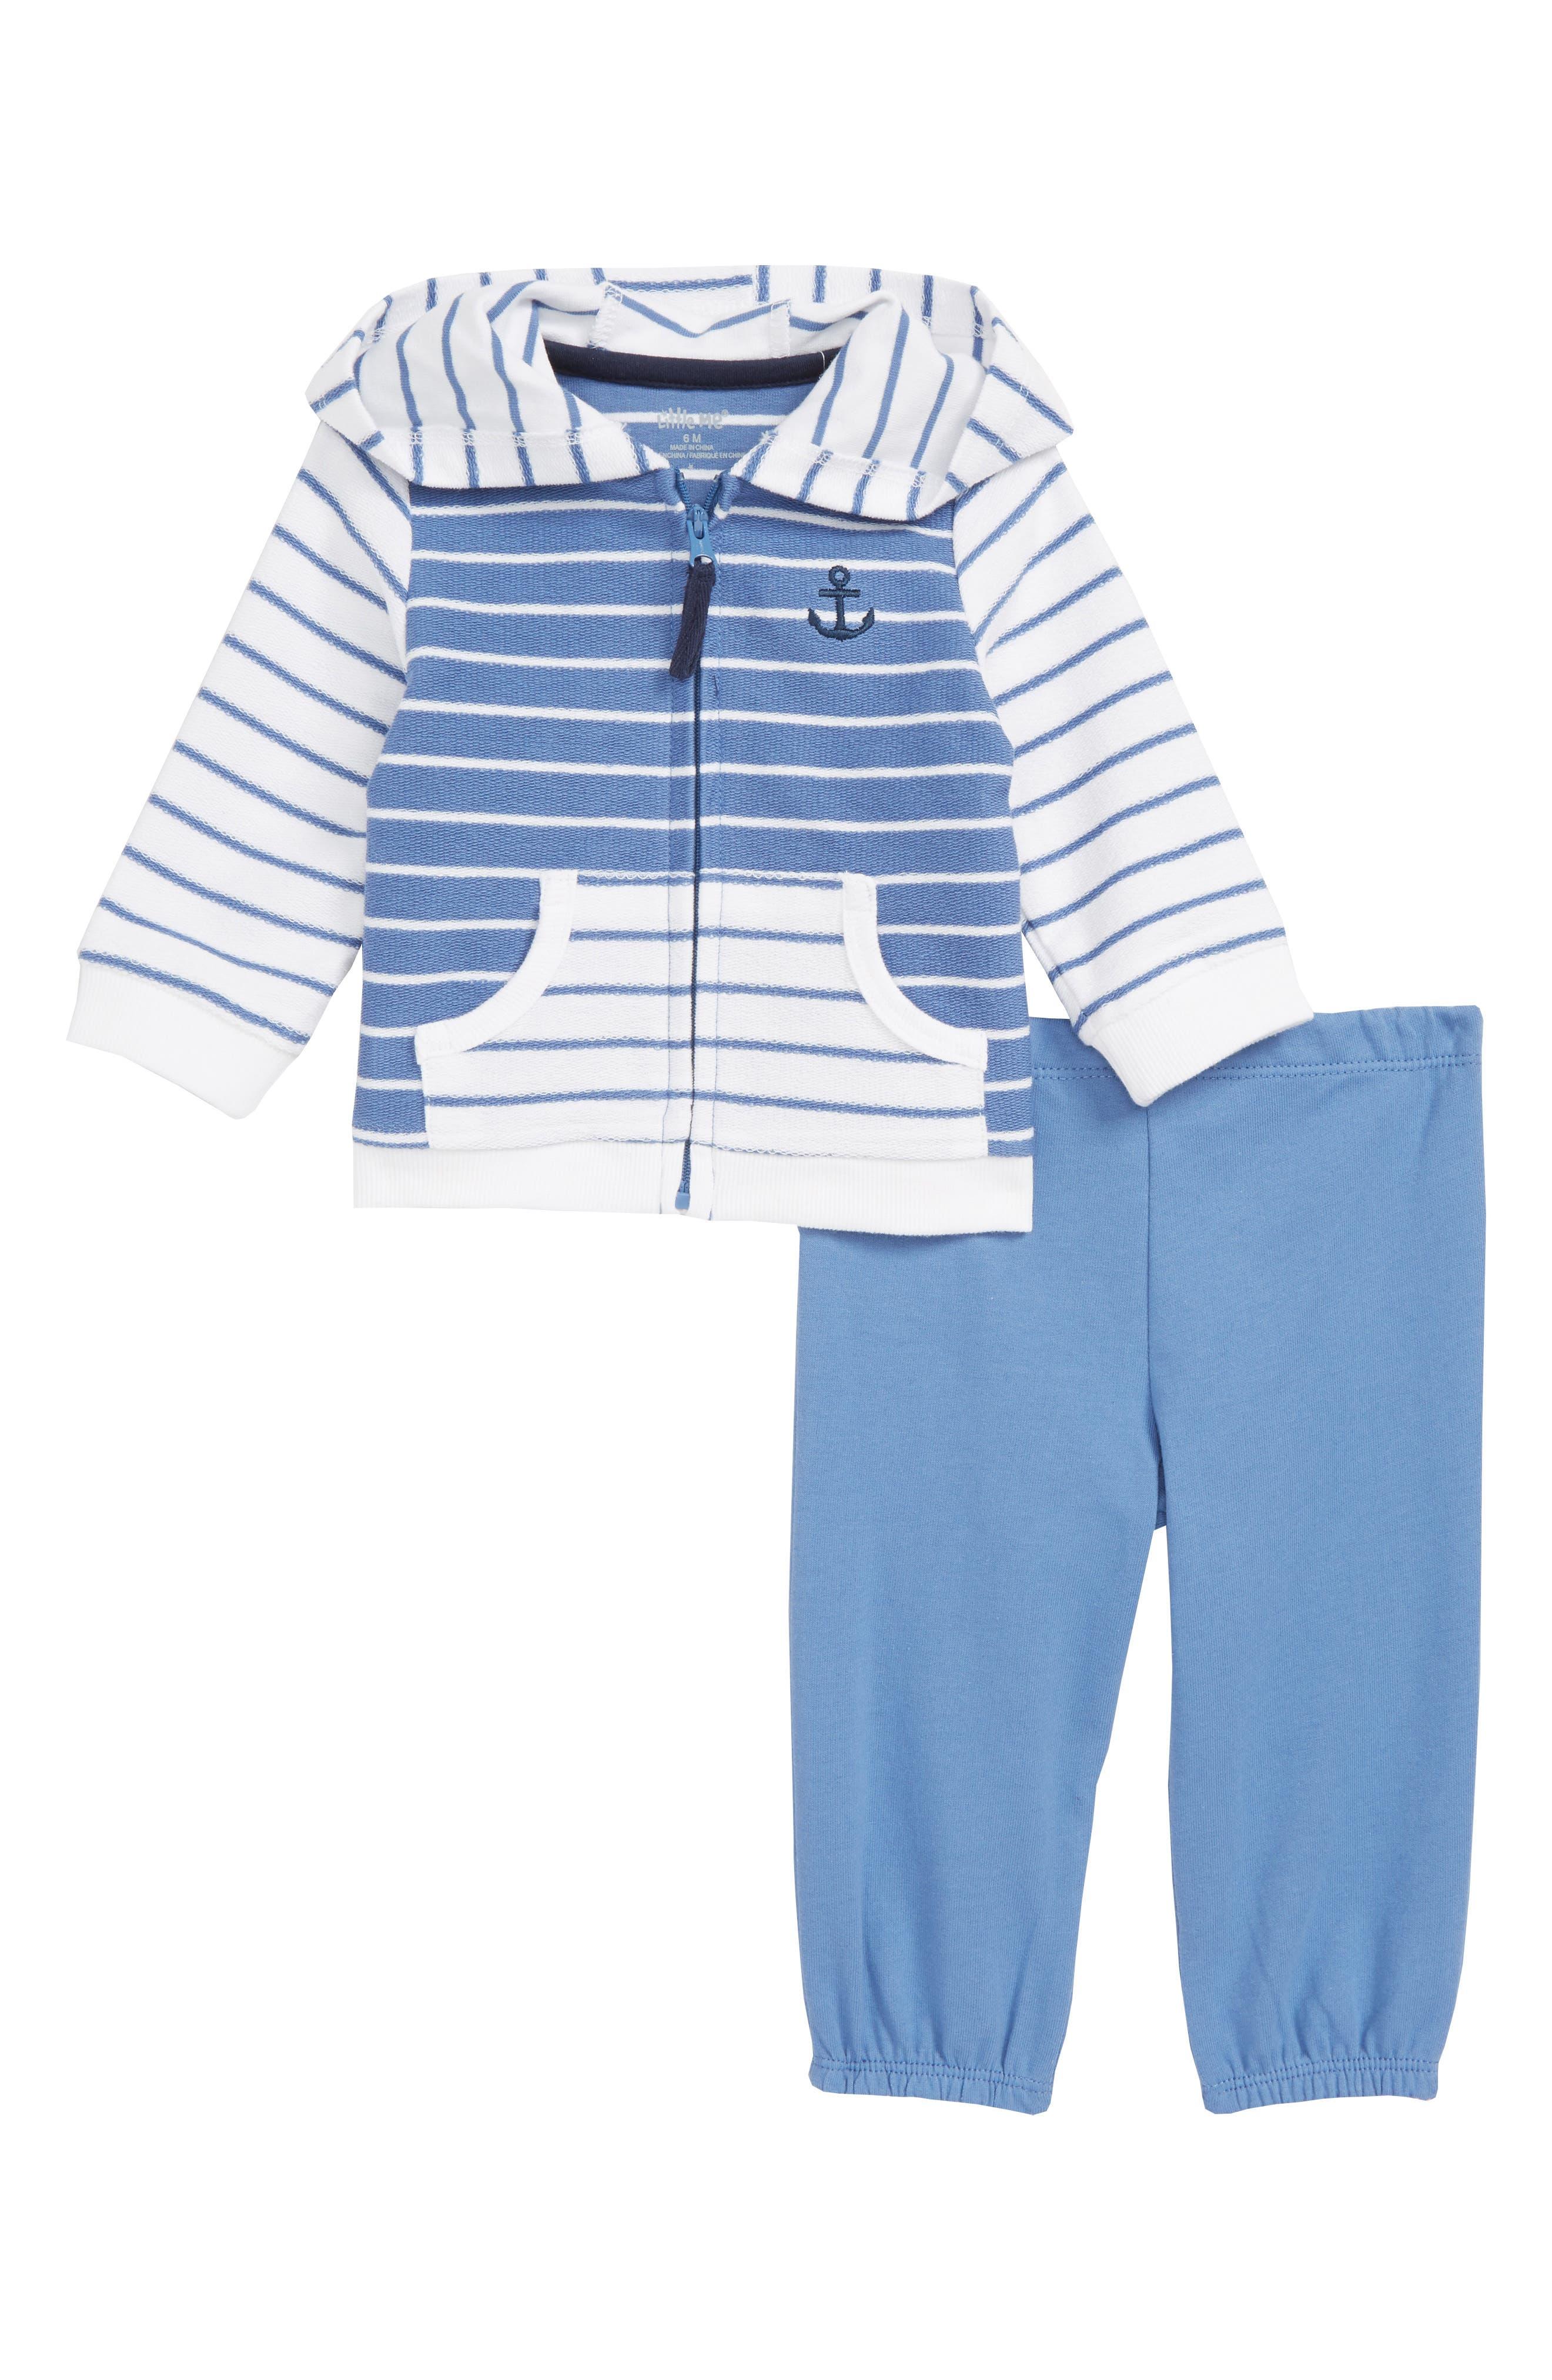 LITTLE ME Stripe Jacket & Pants Set, Main, color, BLUE